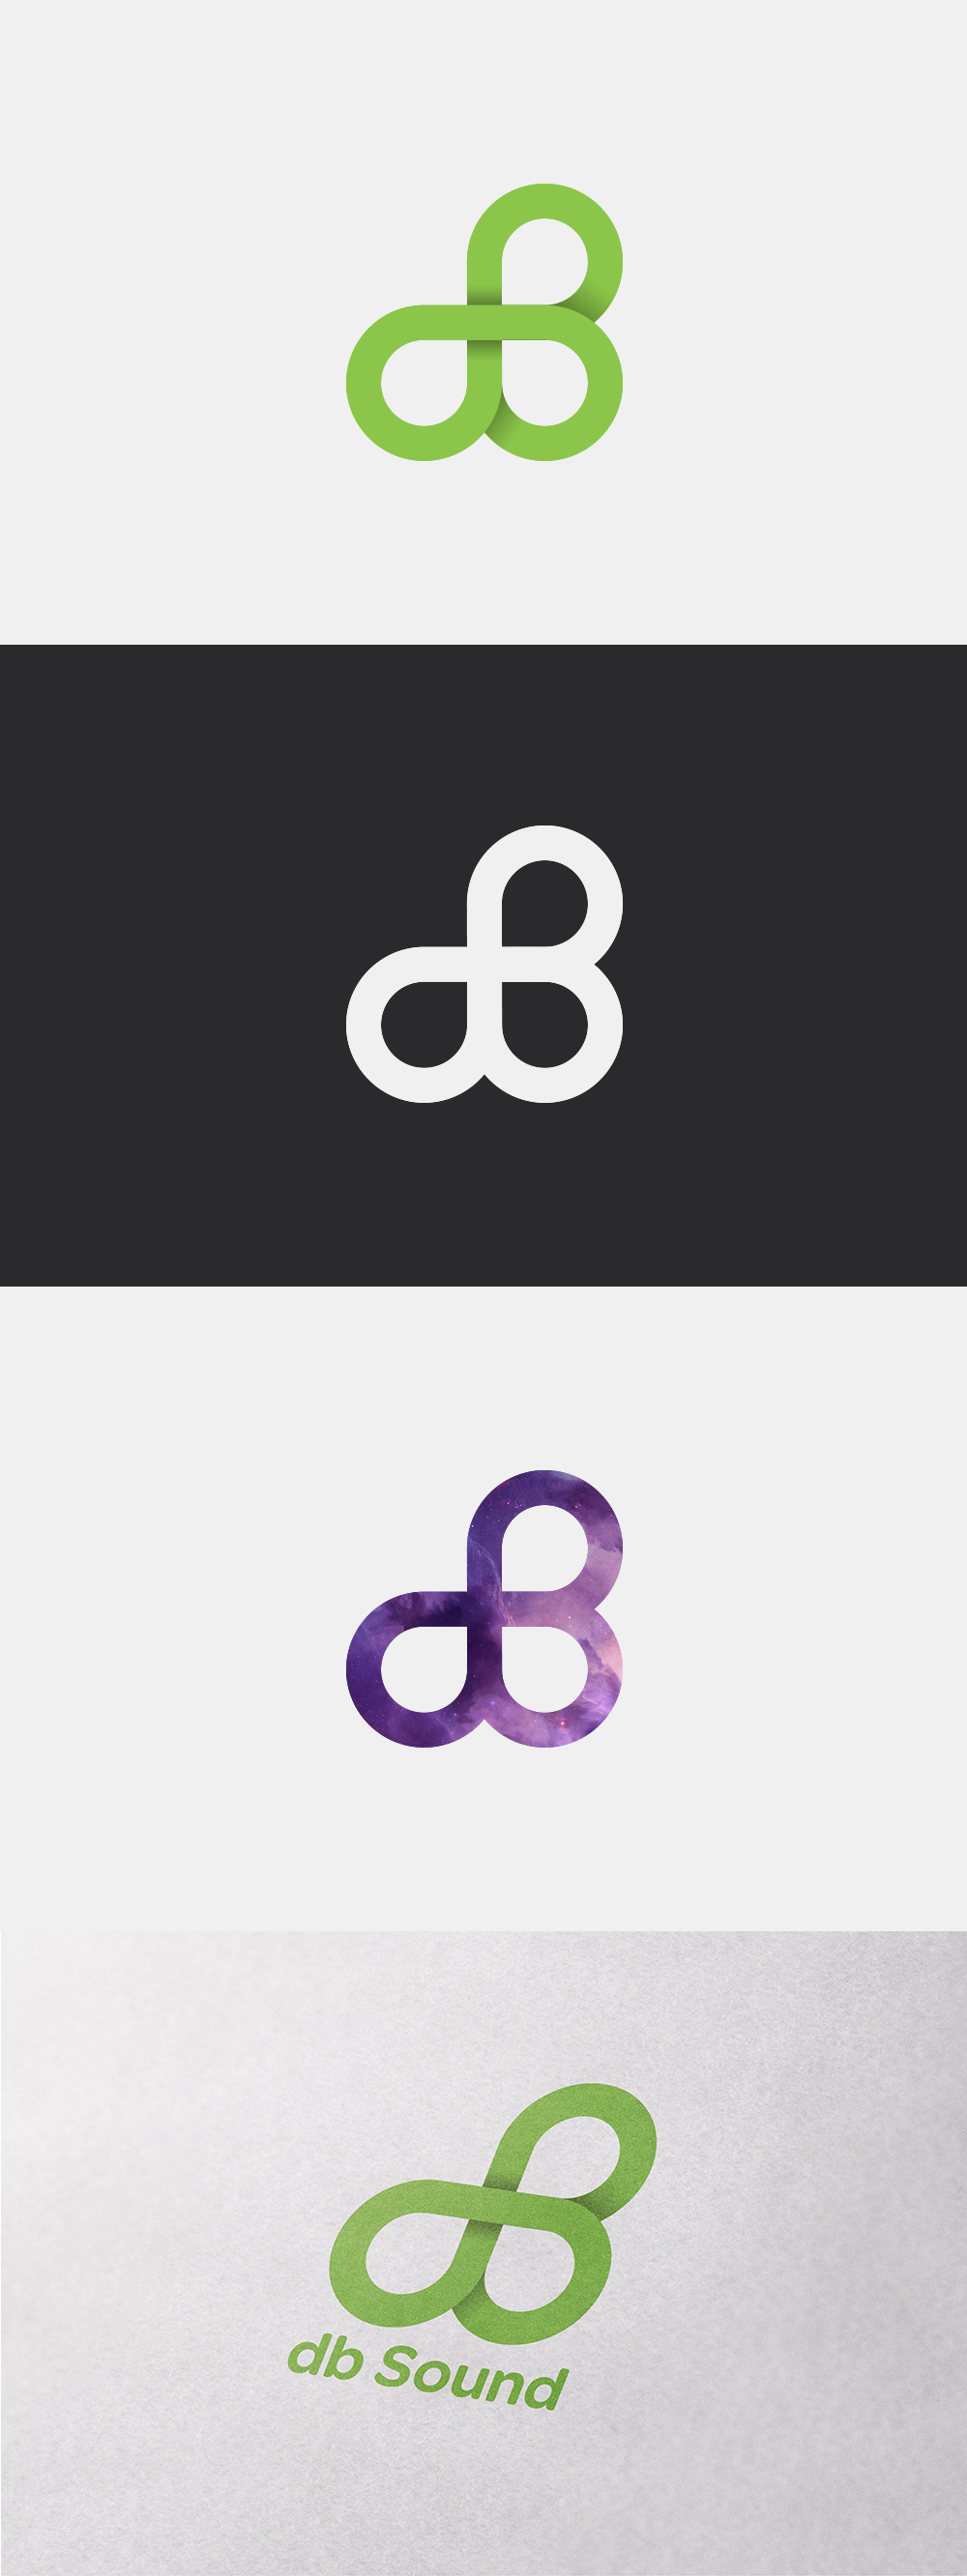 Создание логотипа для компании dB Sound фото f_88159bbb13a2336f.png